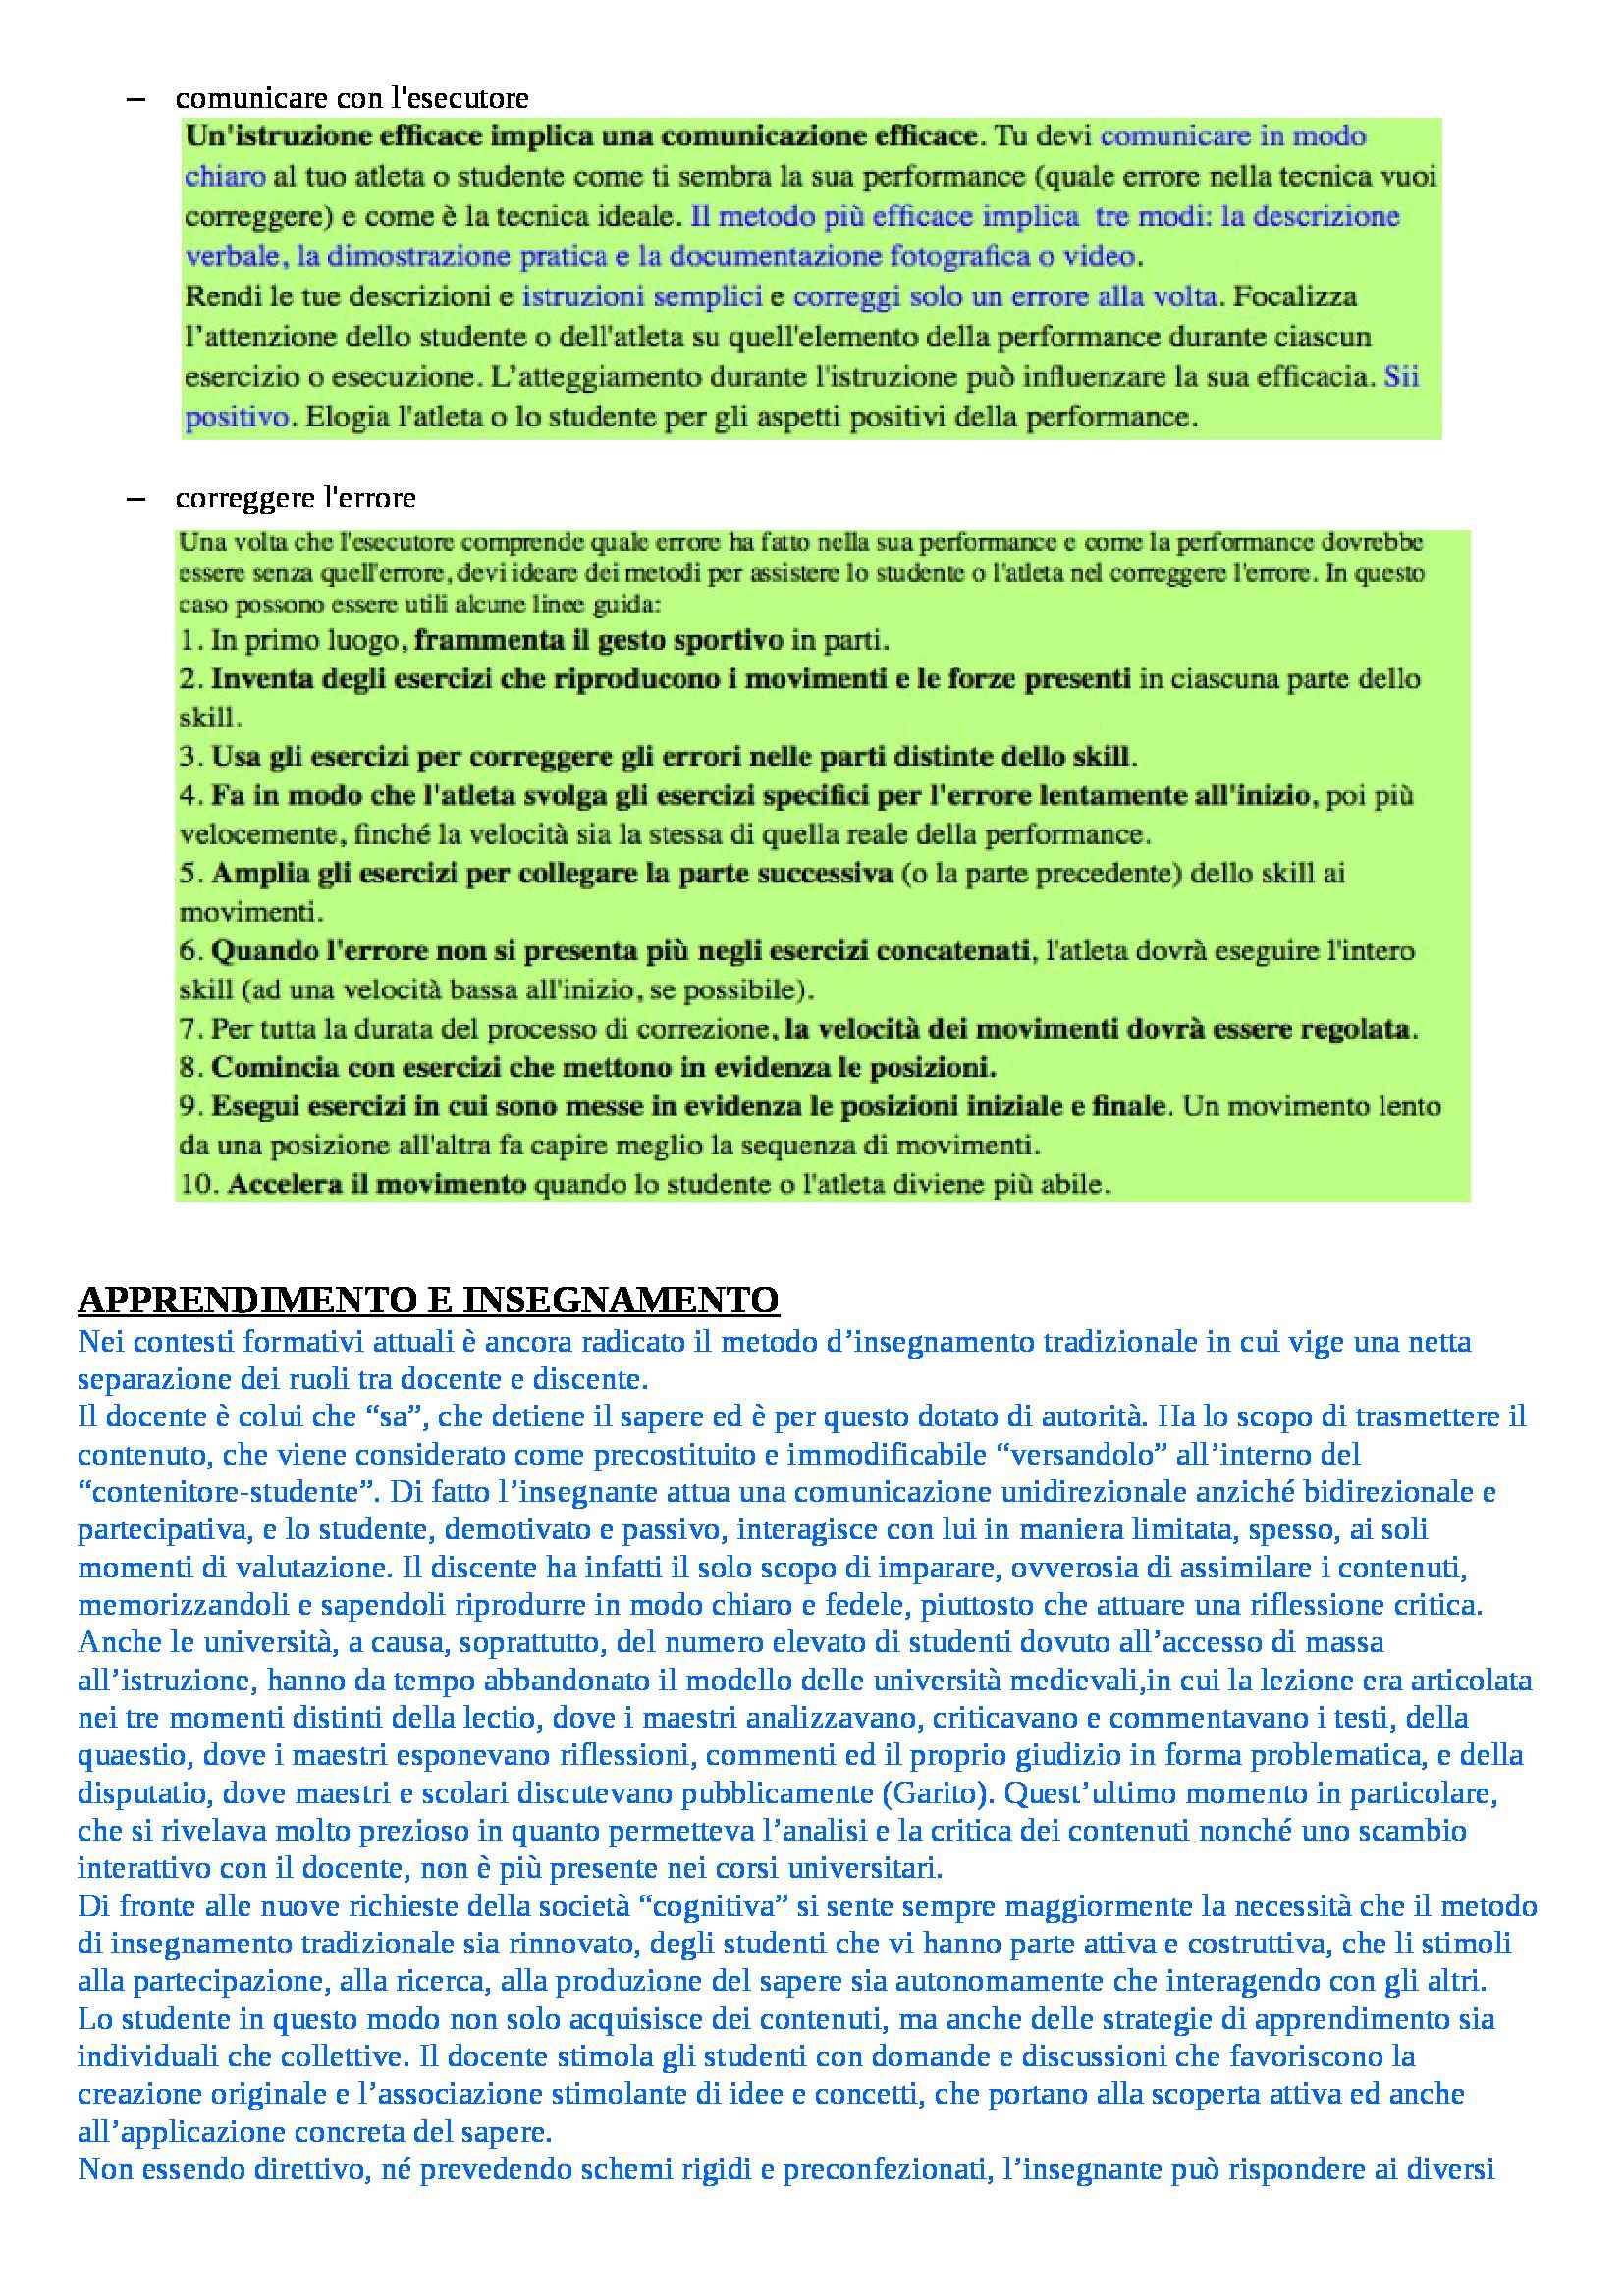 Teoria e metodologia del movimento umano - Appunti seconda parte Pag. 26